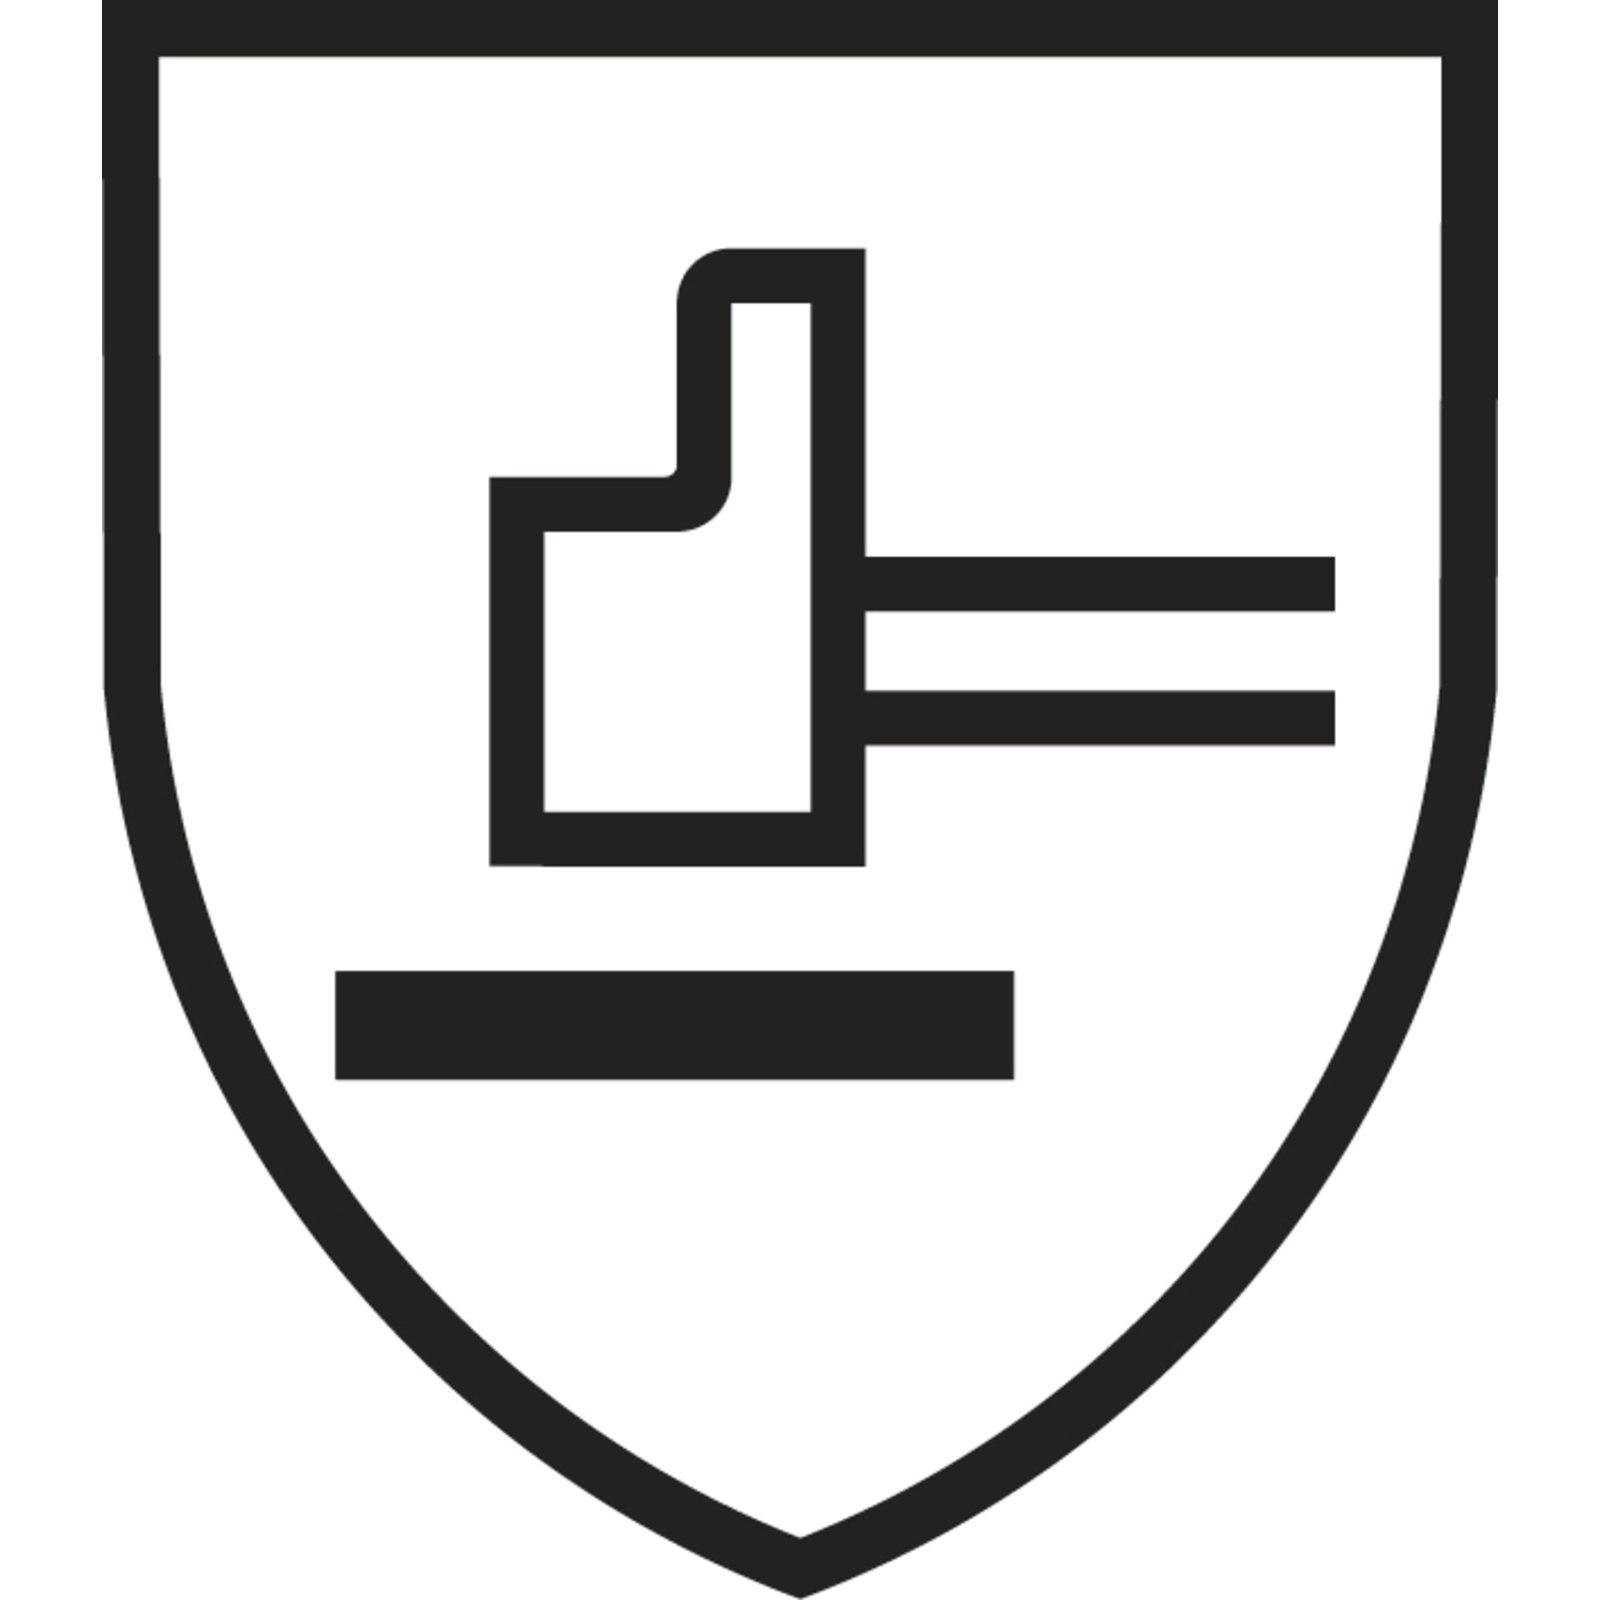 Rękawice chroniące przed zagrożeniami Mechanicznymi ( Poziomy otrzymane po stronie chwytnej )